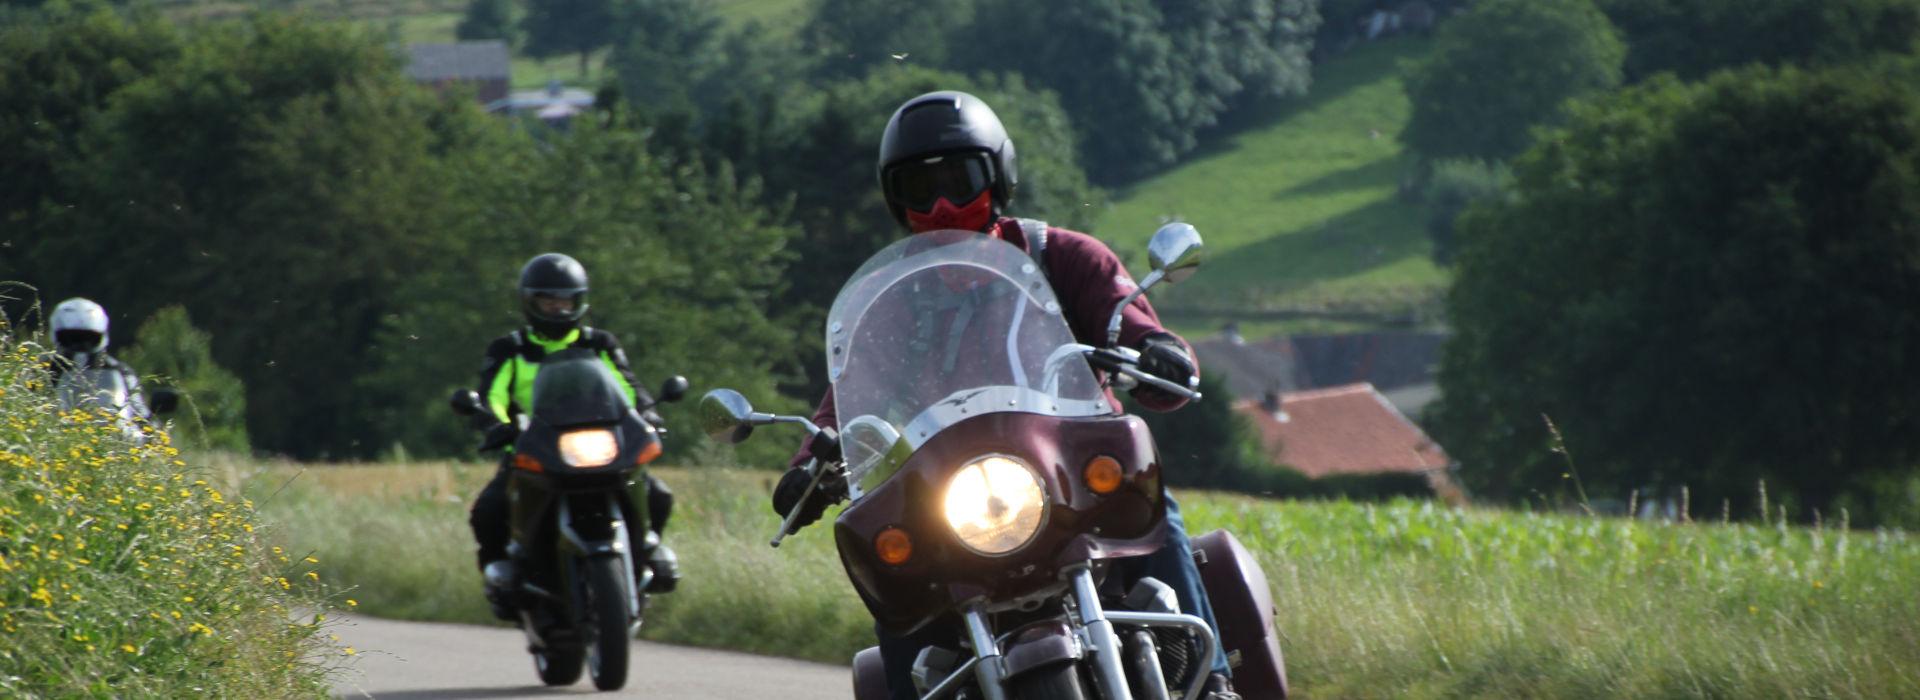 Motorrijschool Motorrijbewijspoint Ridderkerk motorrijlessen